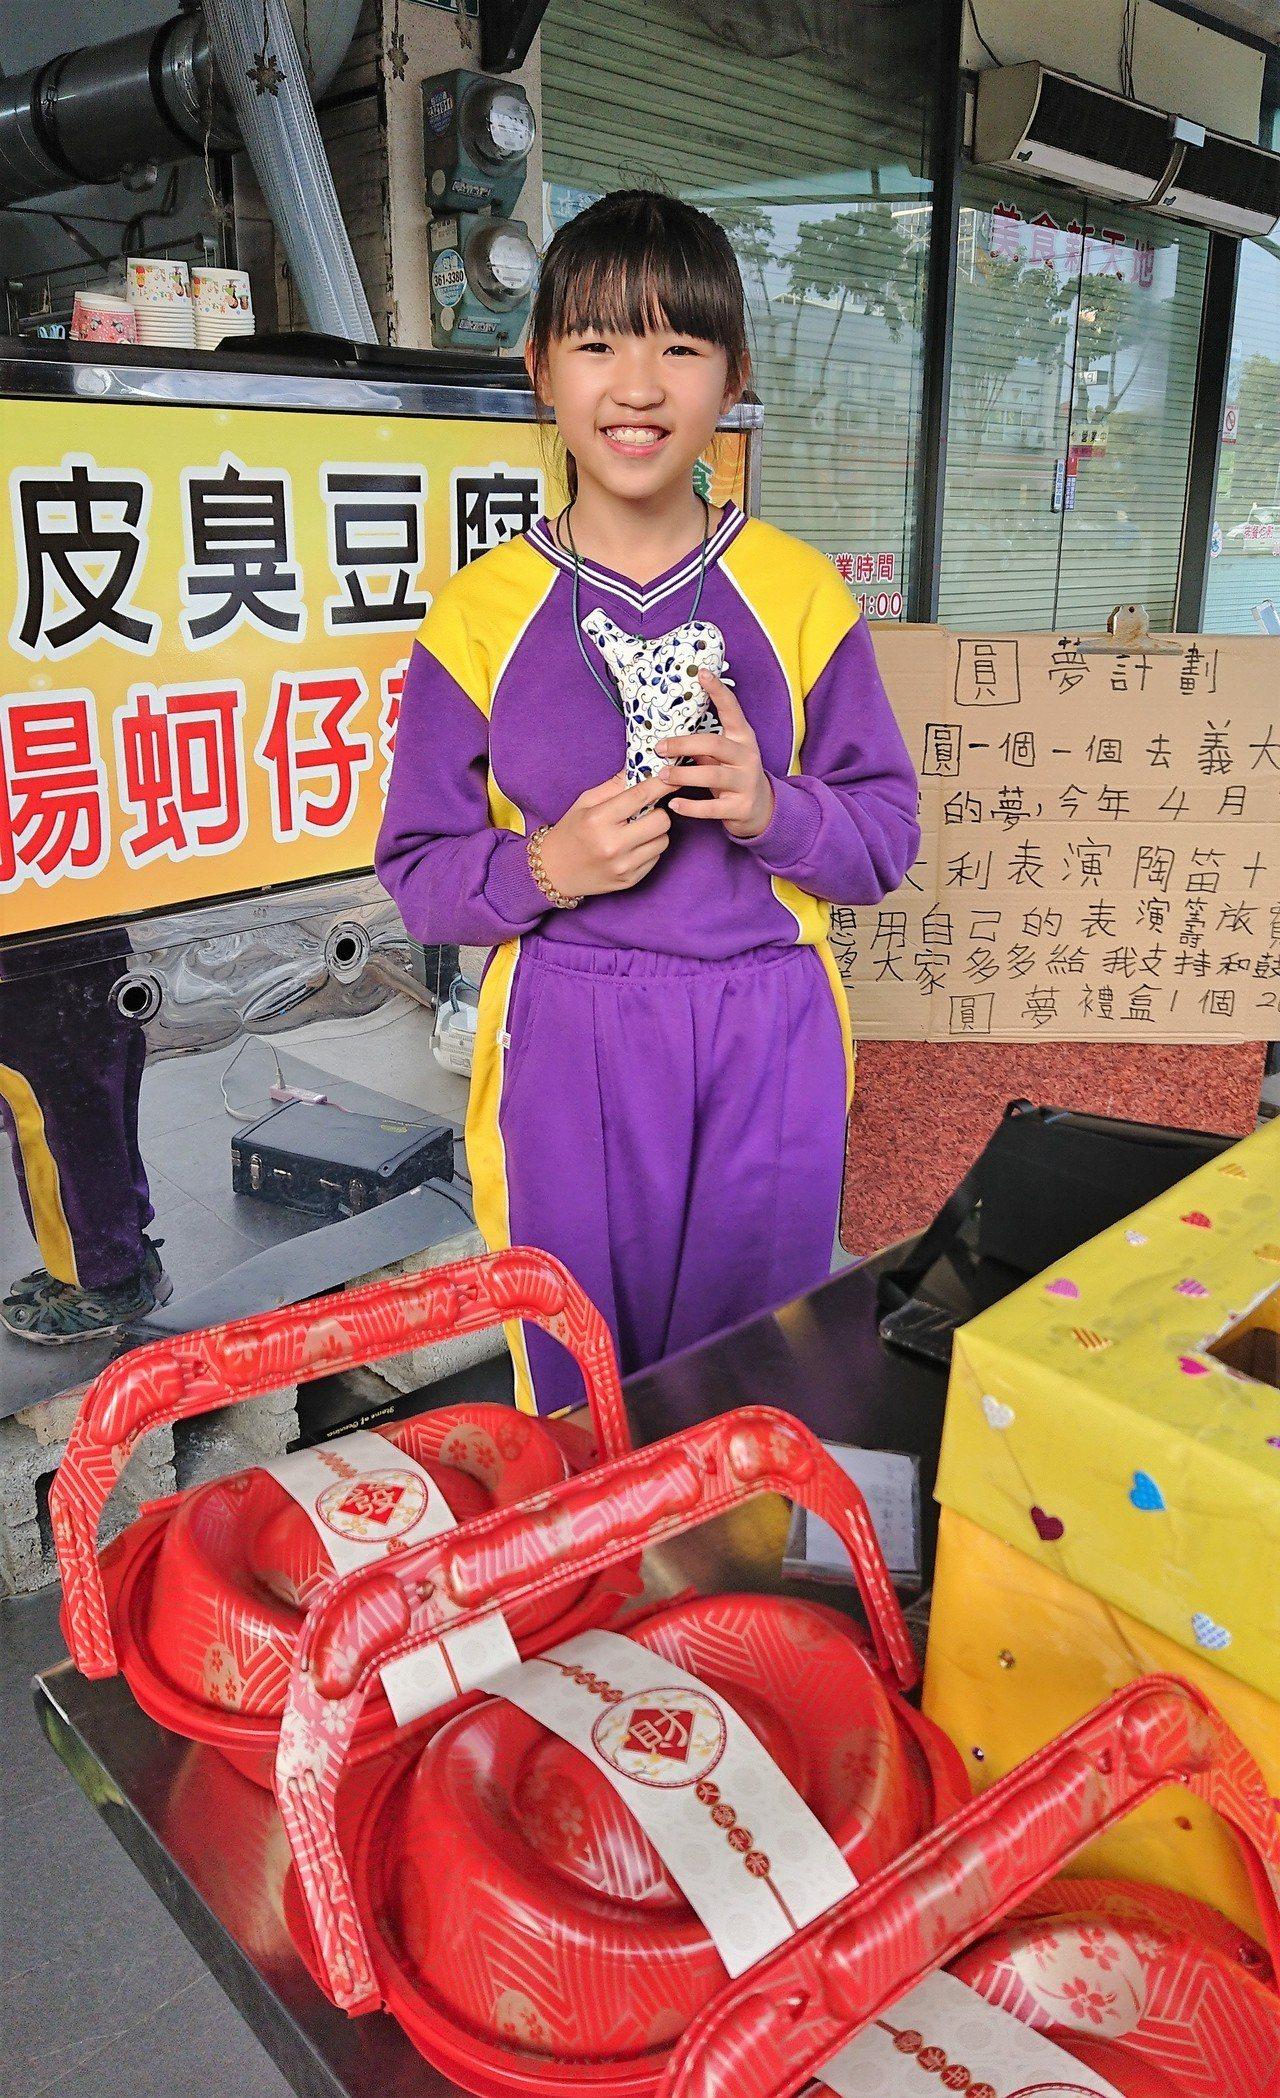 10歲女孩蔡思涵為籌措赴義大利旅費,每天下課後在自家門口吹奏陶笛,義賣「圓夢計畫...